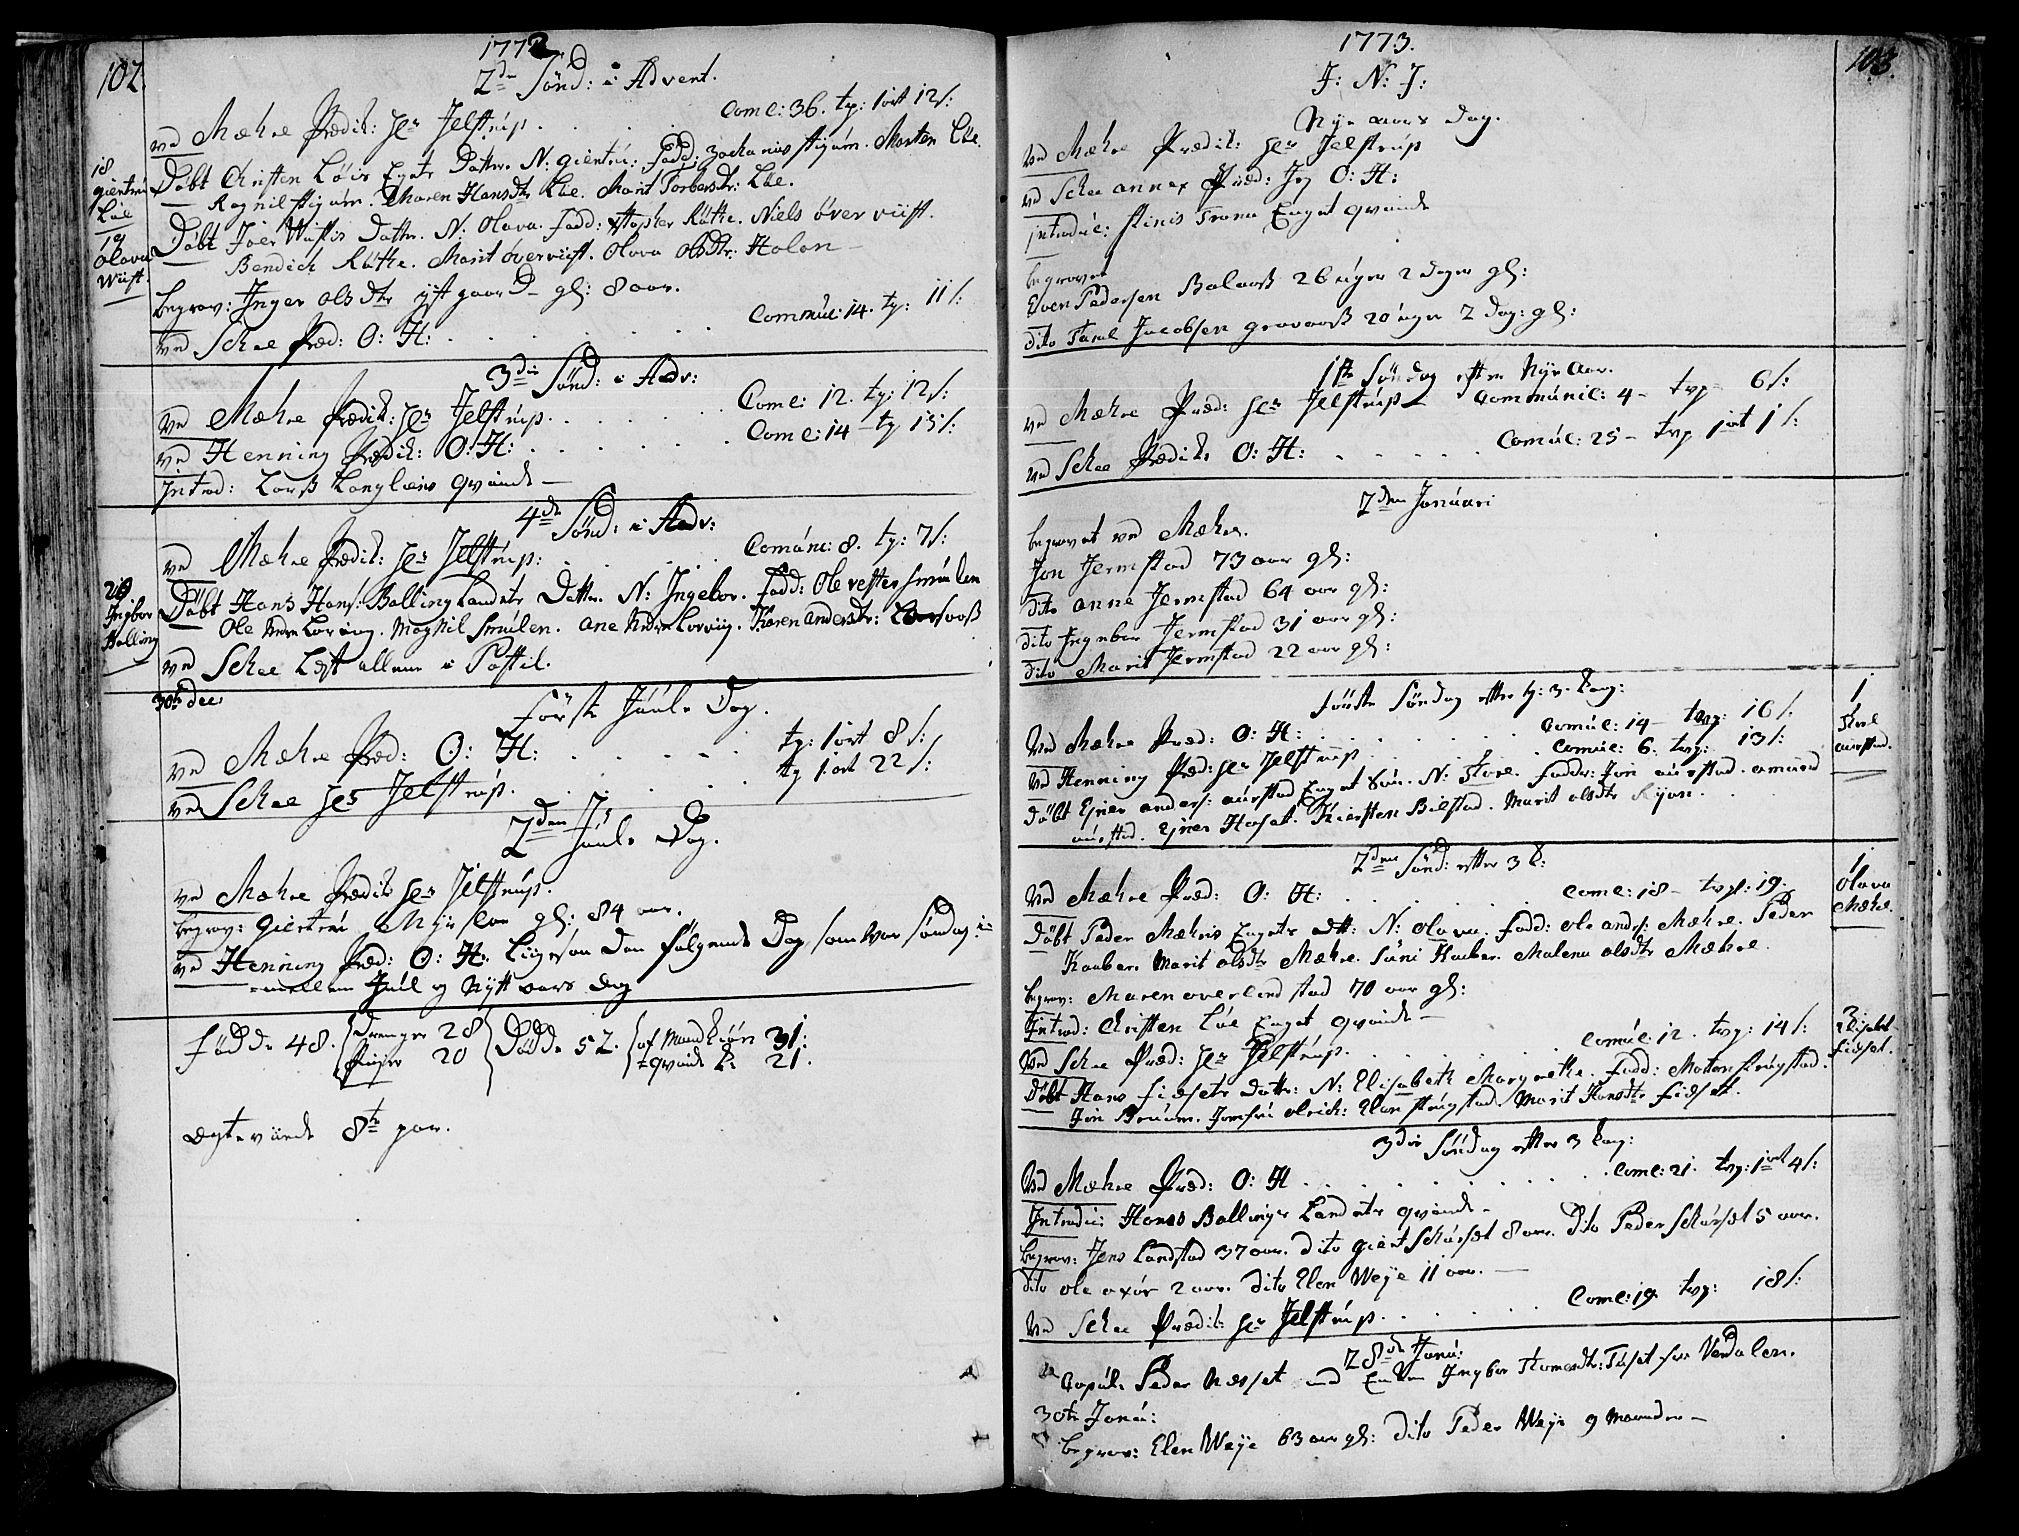 SAT, Ministerialprotokoller, klokkerbøker og fødselsregistre - Nord-Trøndelag, 735/L0331: Ministerialbok nr. 735A02, 1762-1794, s. 102-103